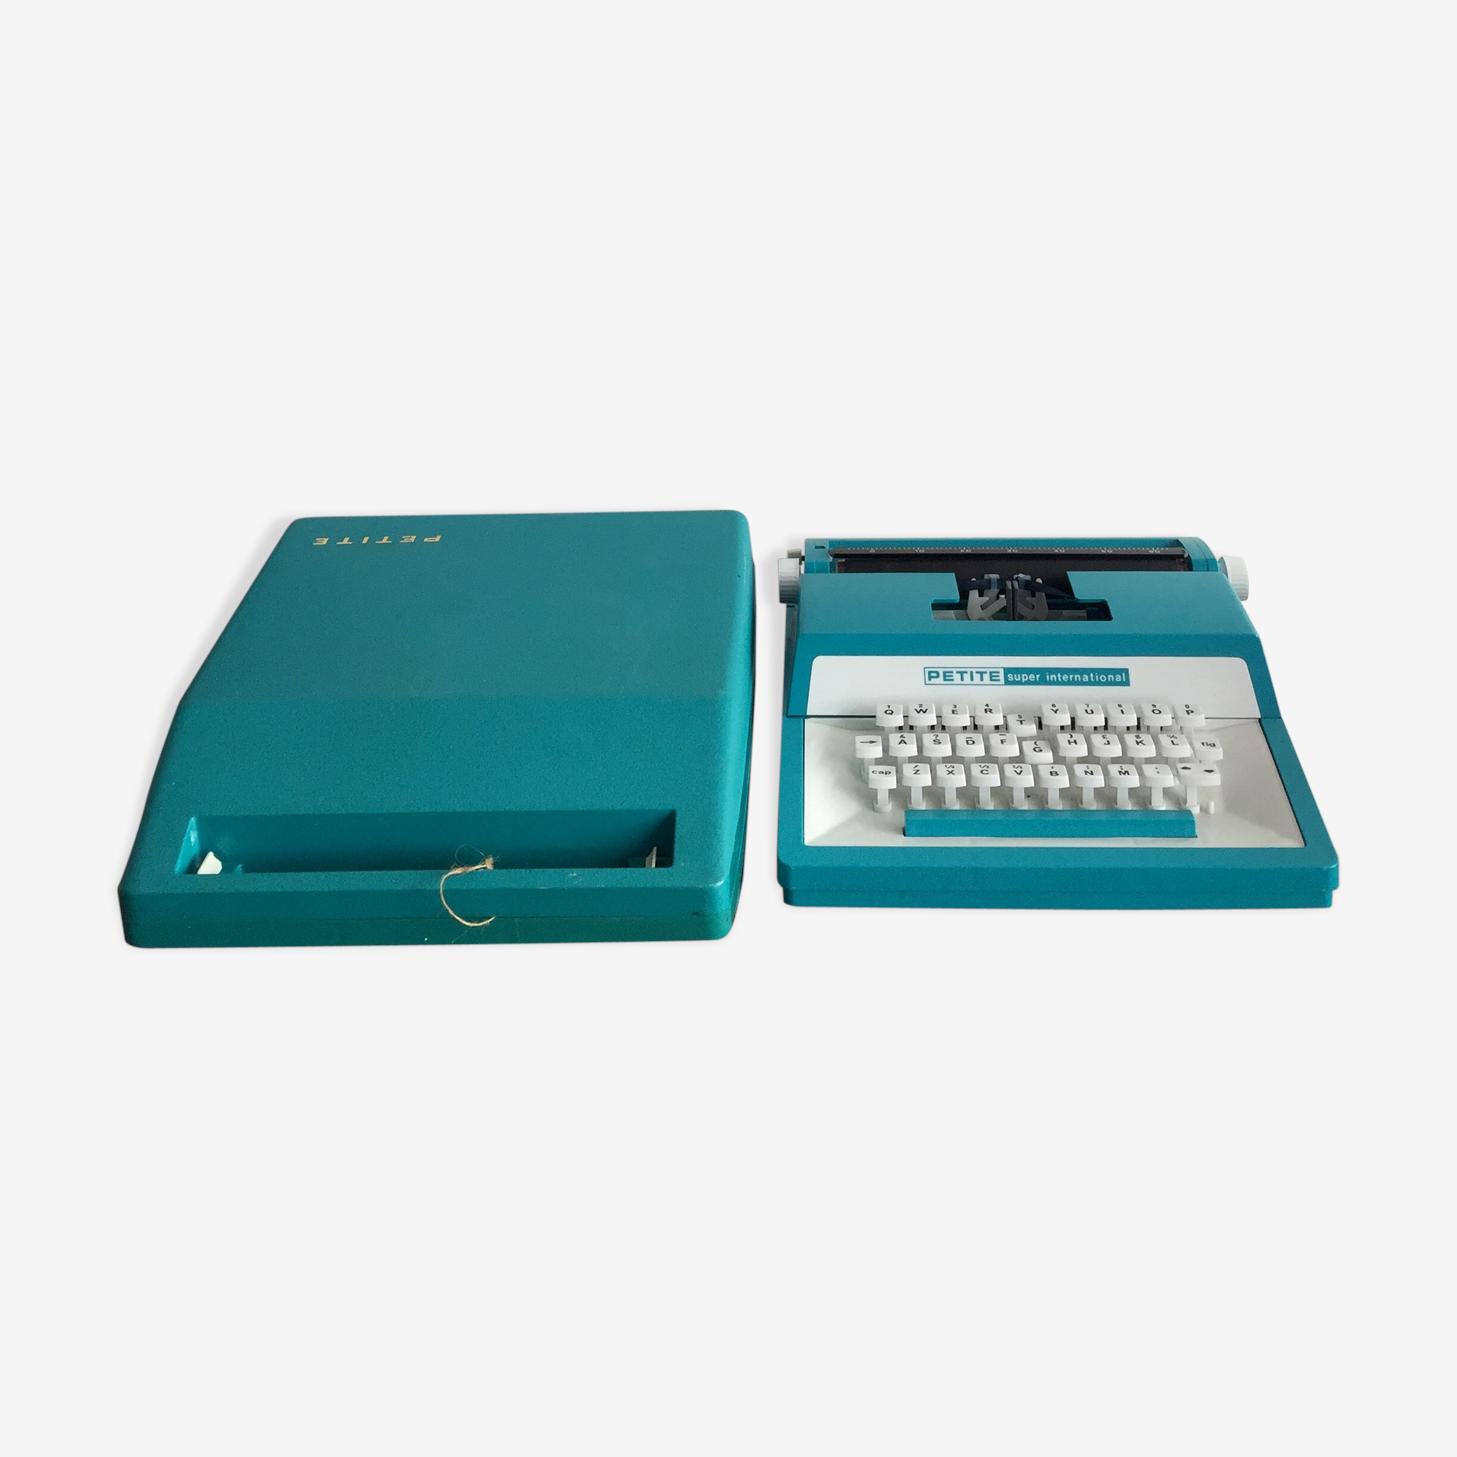 Machine à écrire Petite modèle pour enfant